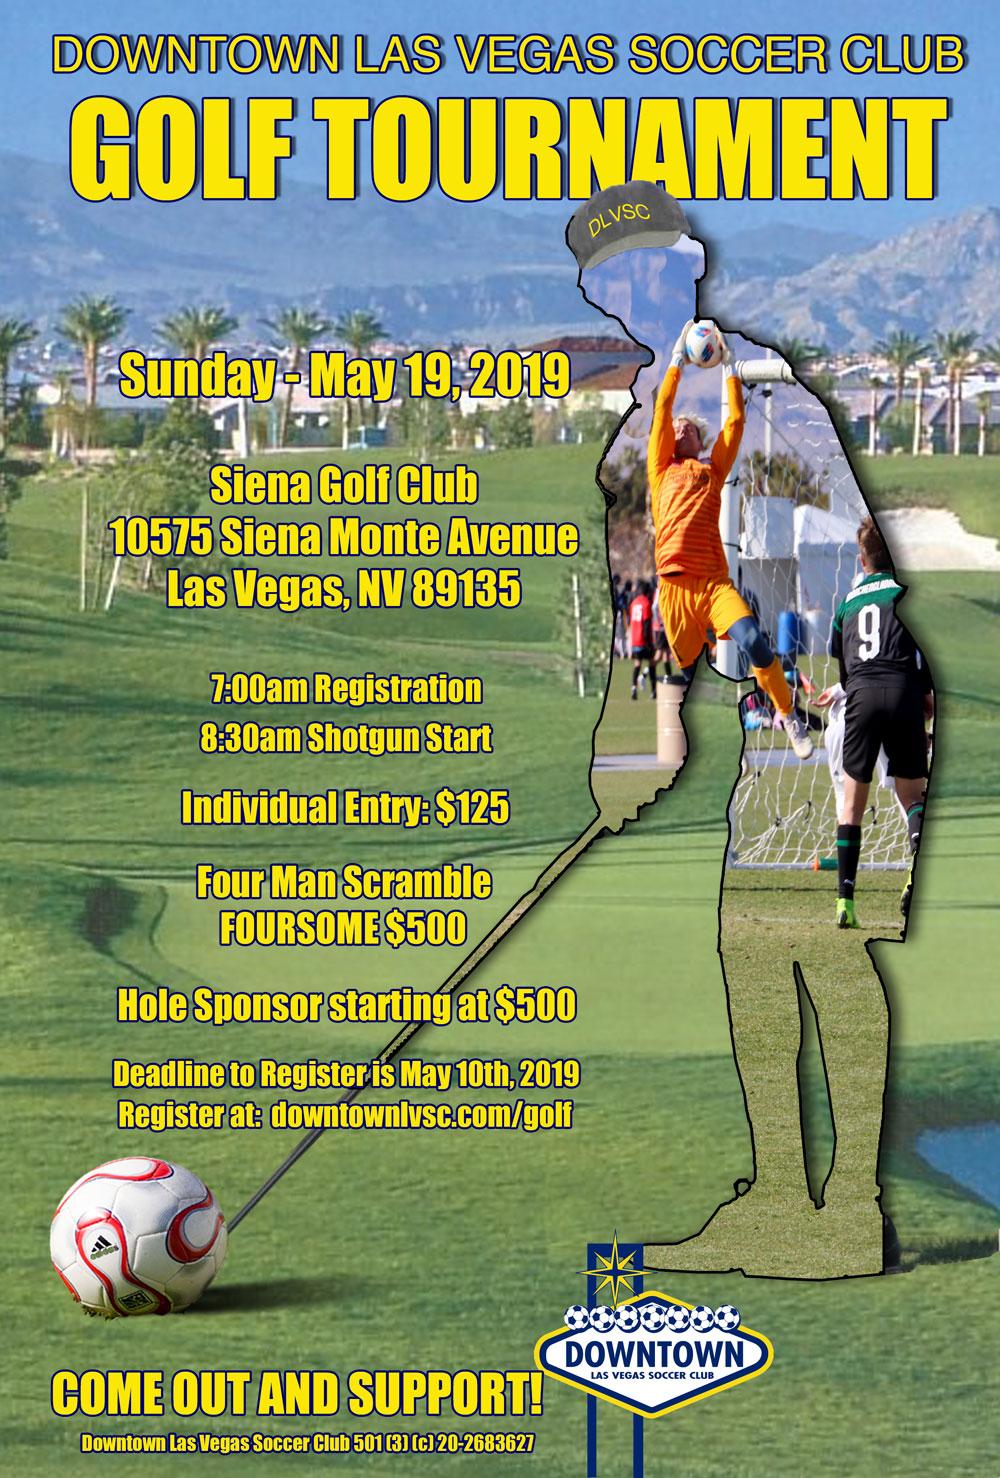 4th Annual DLVSC Golf Tournament @ Sienna Golf Clib